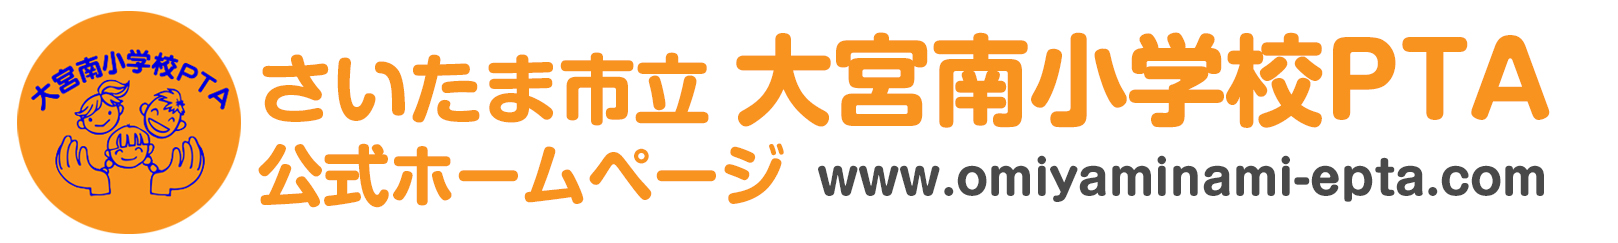 さいたま市立 大宮南小学校PTA公式ホームページ